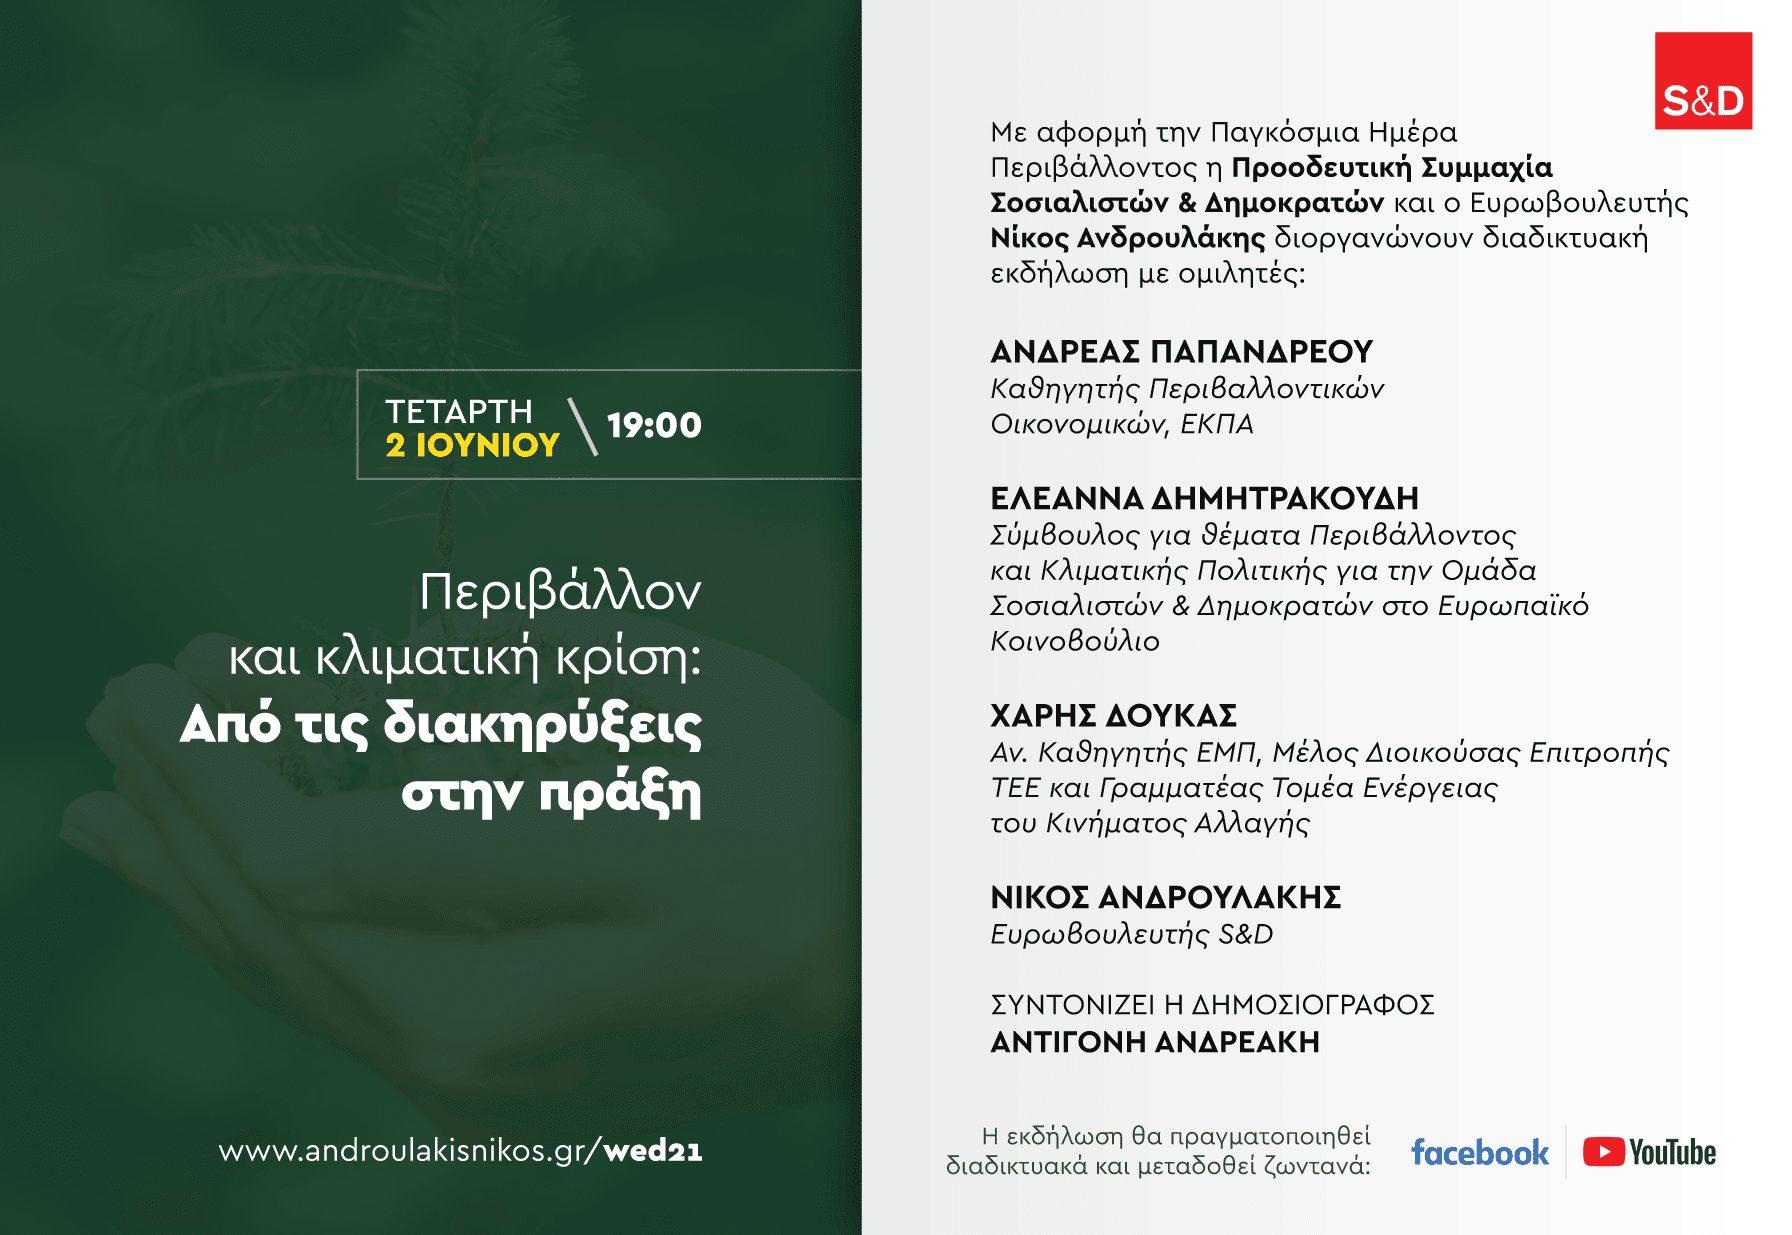 Εκδήλωση του Νίκου Ανδρουλάκη για την Παγκόσμια Ημέρα Περιβάλλοντος την Τετάρτη 2 Ιουνίου στις 19:00